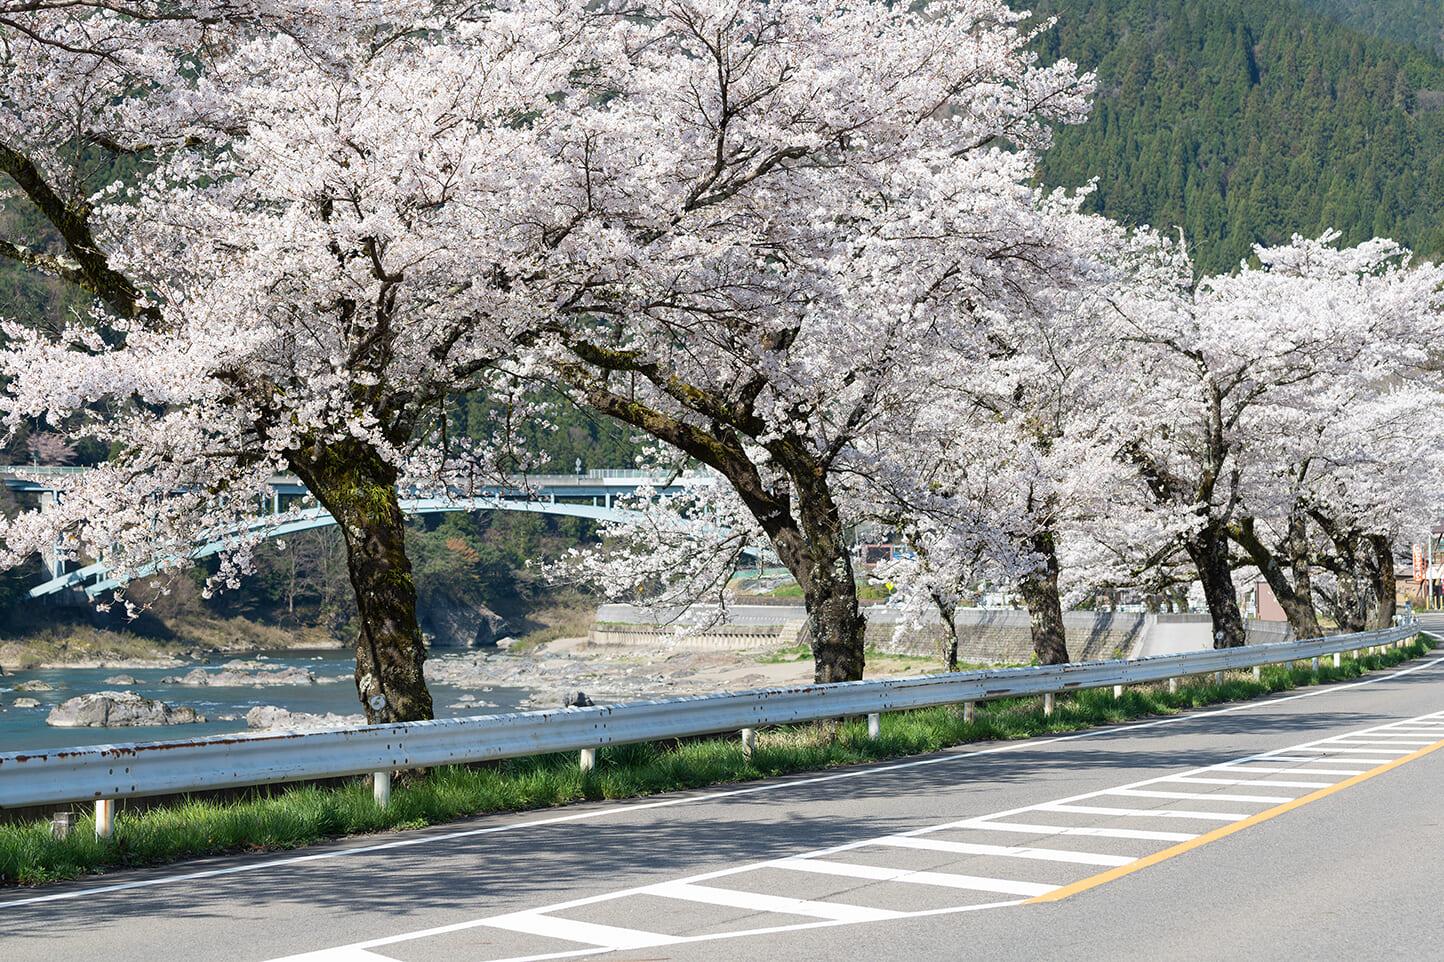 国道156号線沿いの桜並木 スライダー画像1